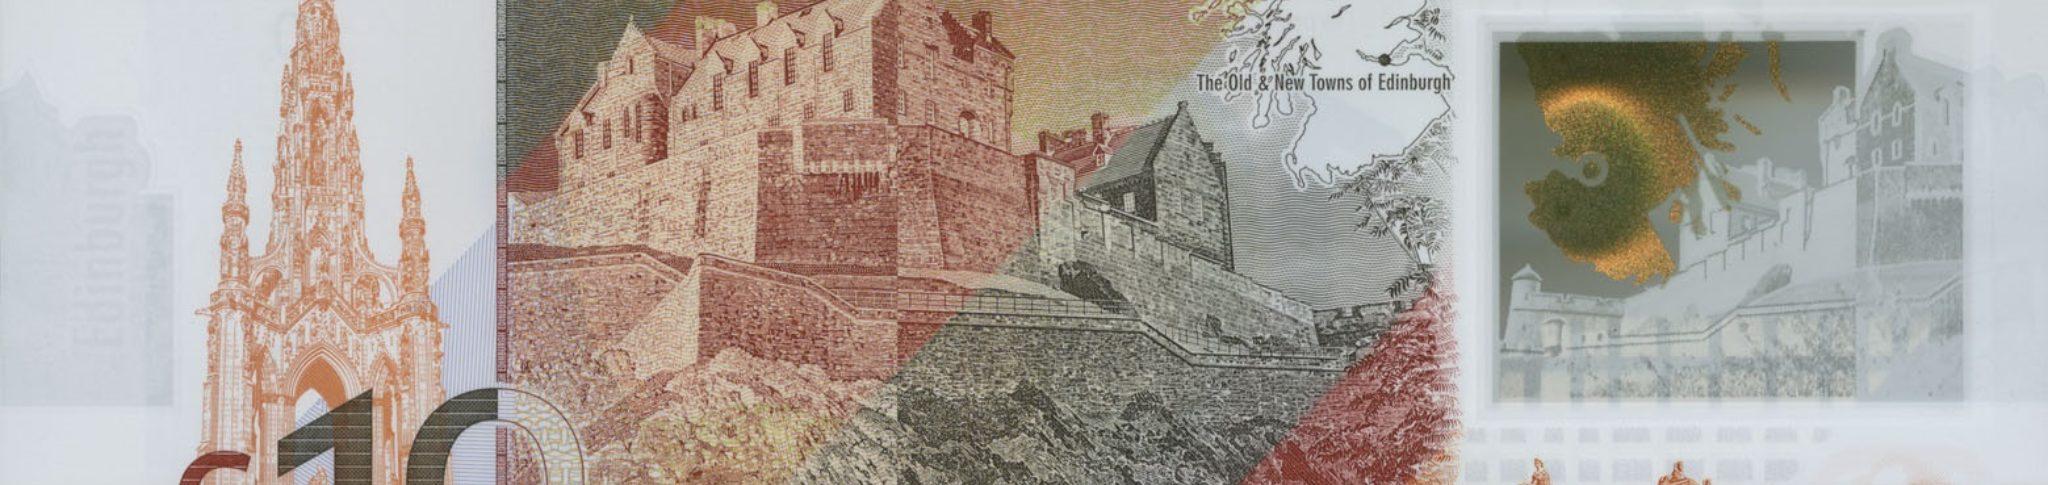 CB Banknotes